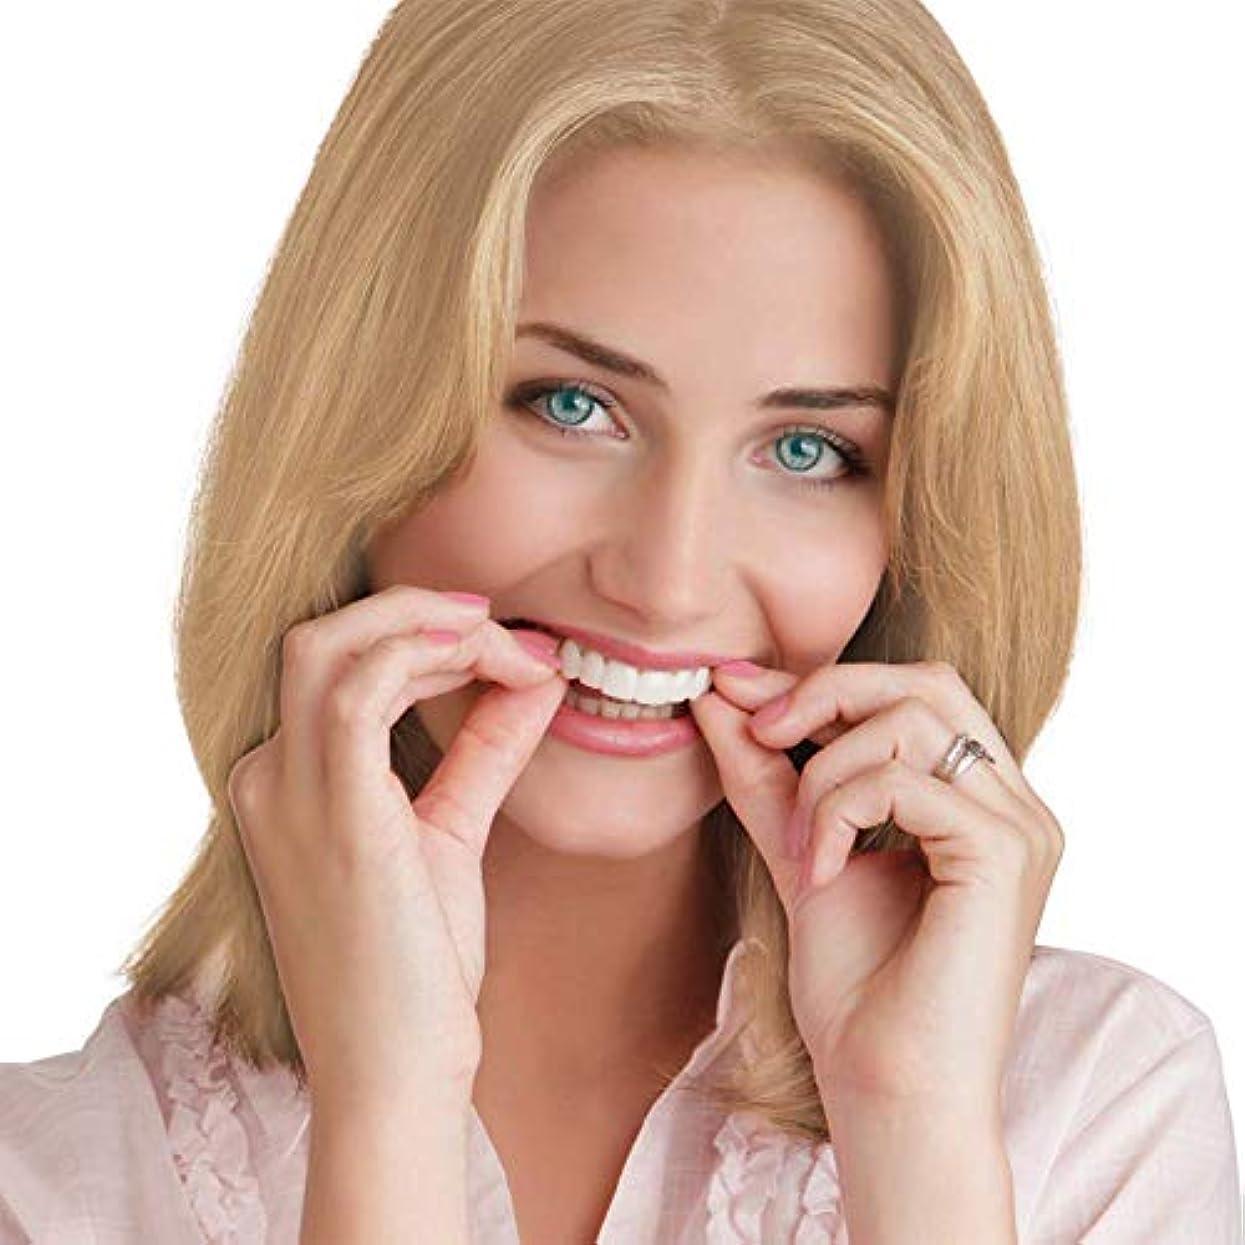 現れる遡る傾向があるインスタントスマイルコンフォートフィット化粧品義歯義歯ベニア歯コンフォートフィットフレックス化粧品歯上歯突き板および下突き板 - 歯突き板,2PcsC